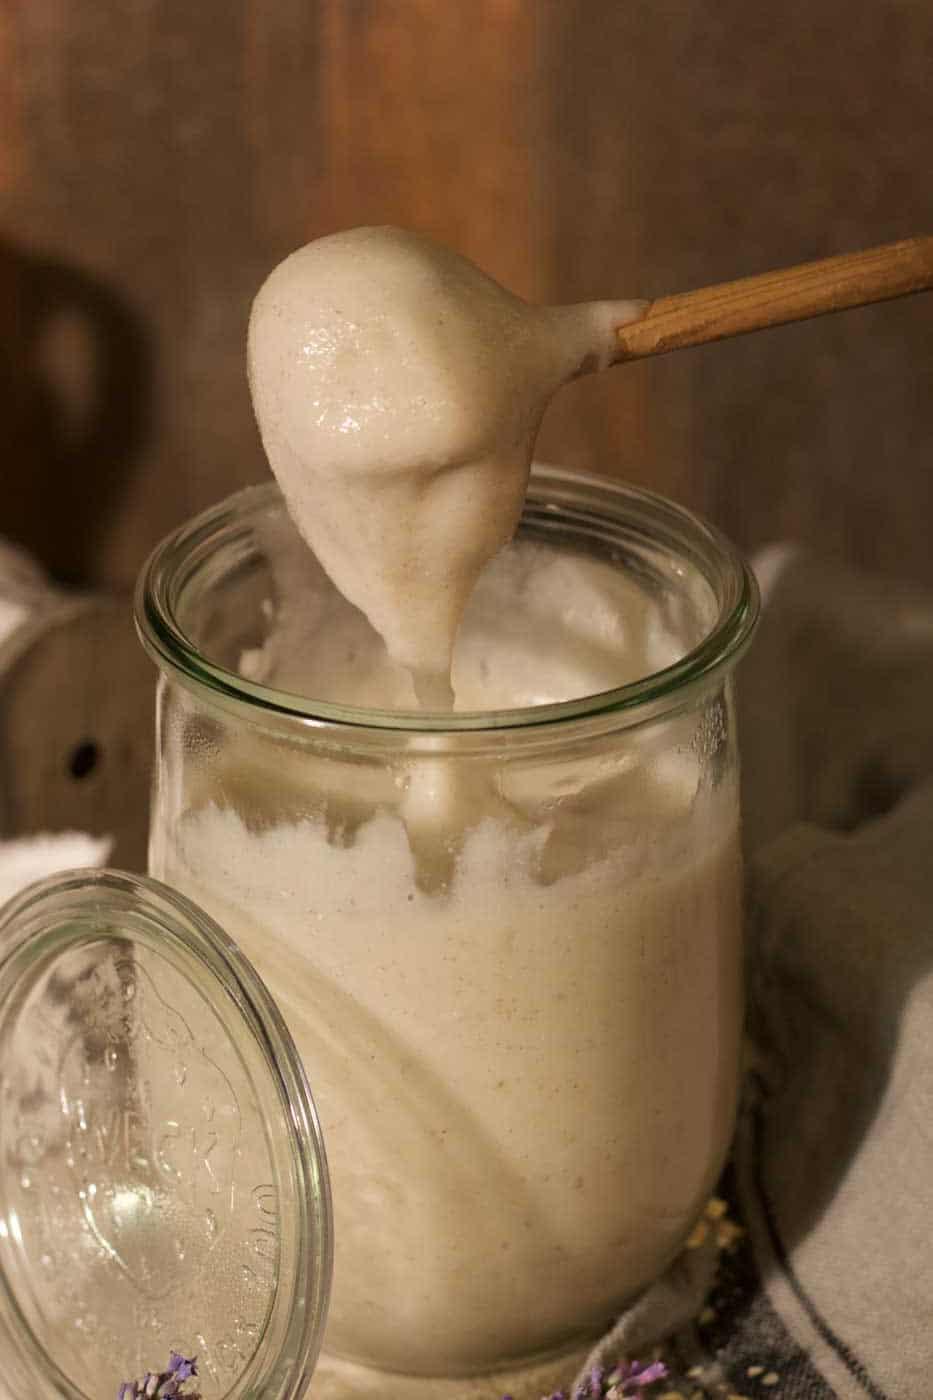 Anlage zum Rösten Kochen Mehlkochstück